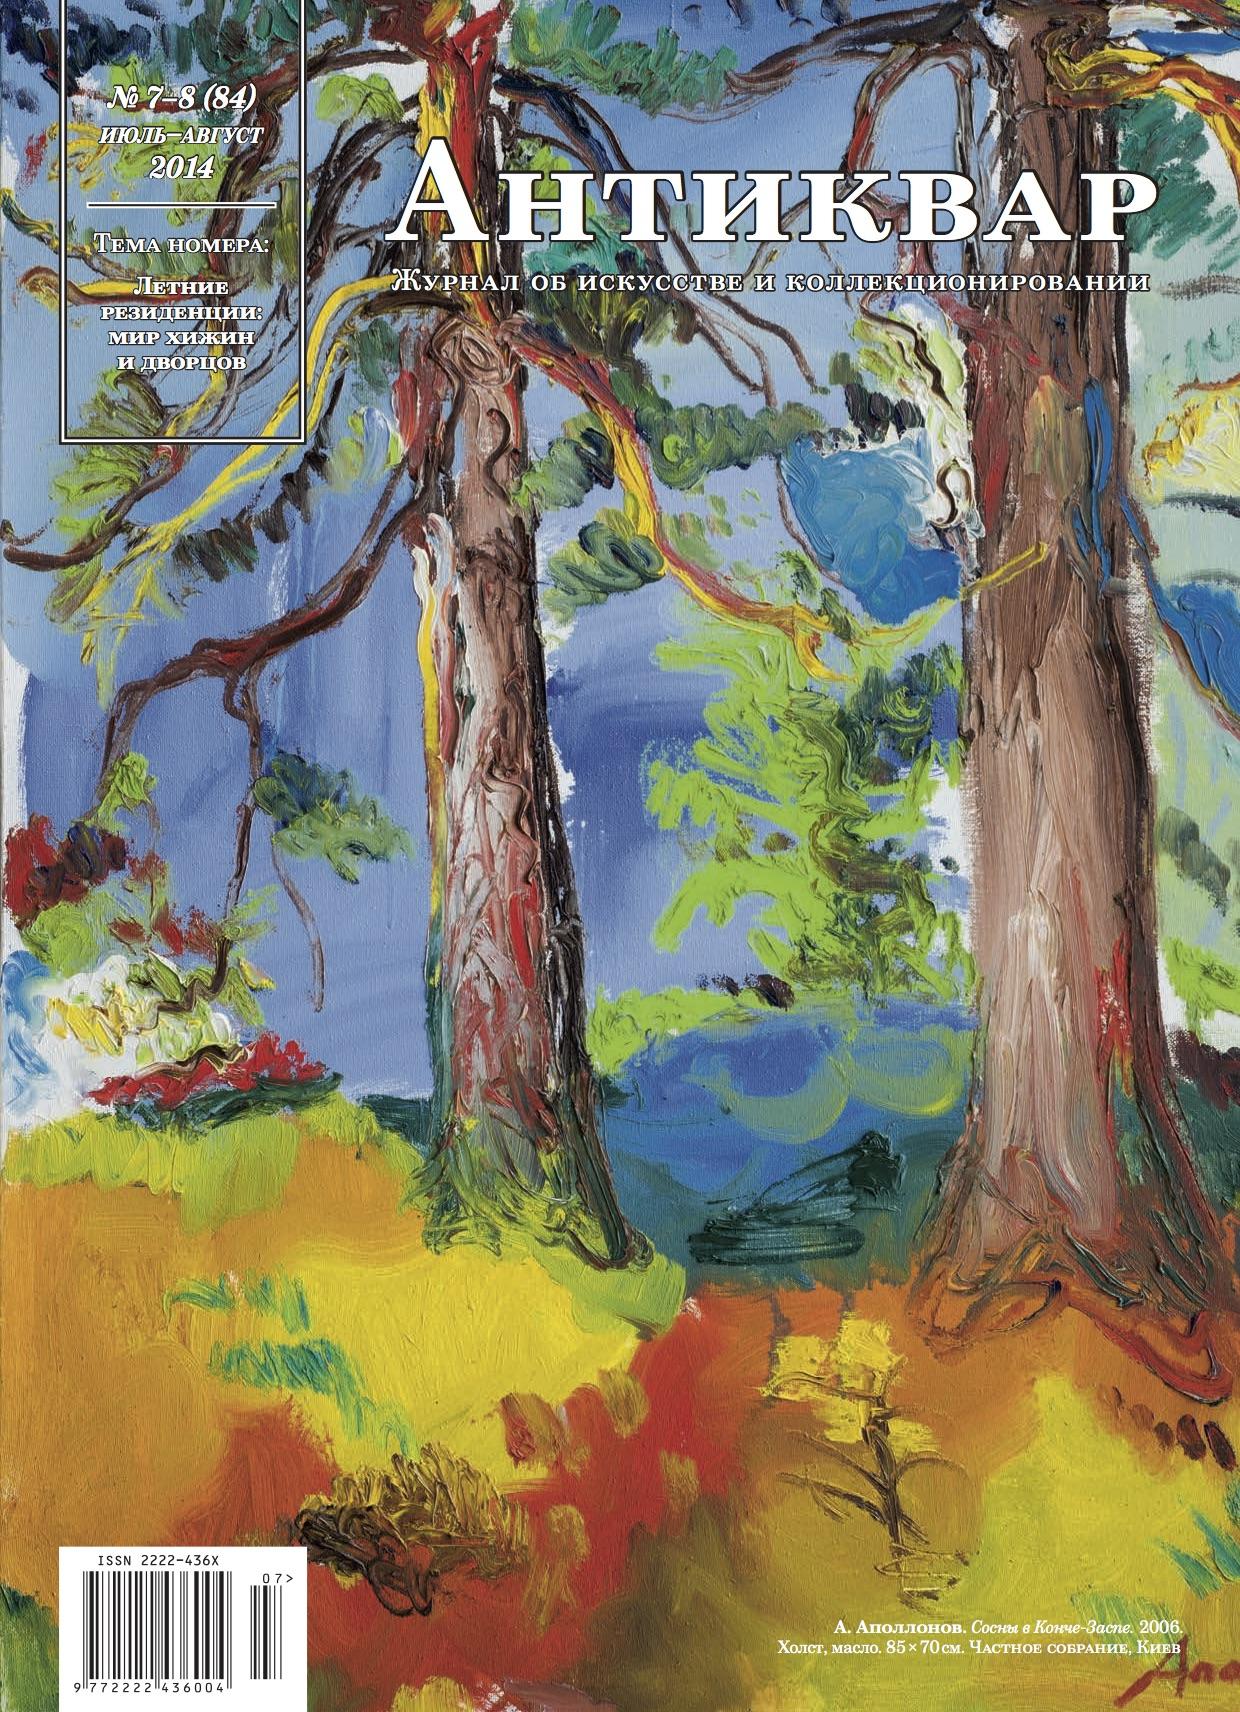 Журнал Антиквар #84: Летние резиденции: мир хижин и дворцов